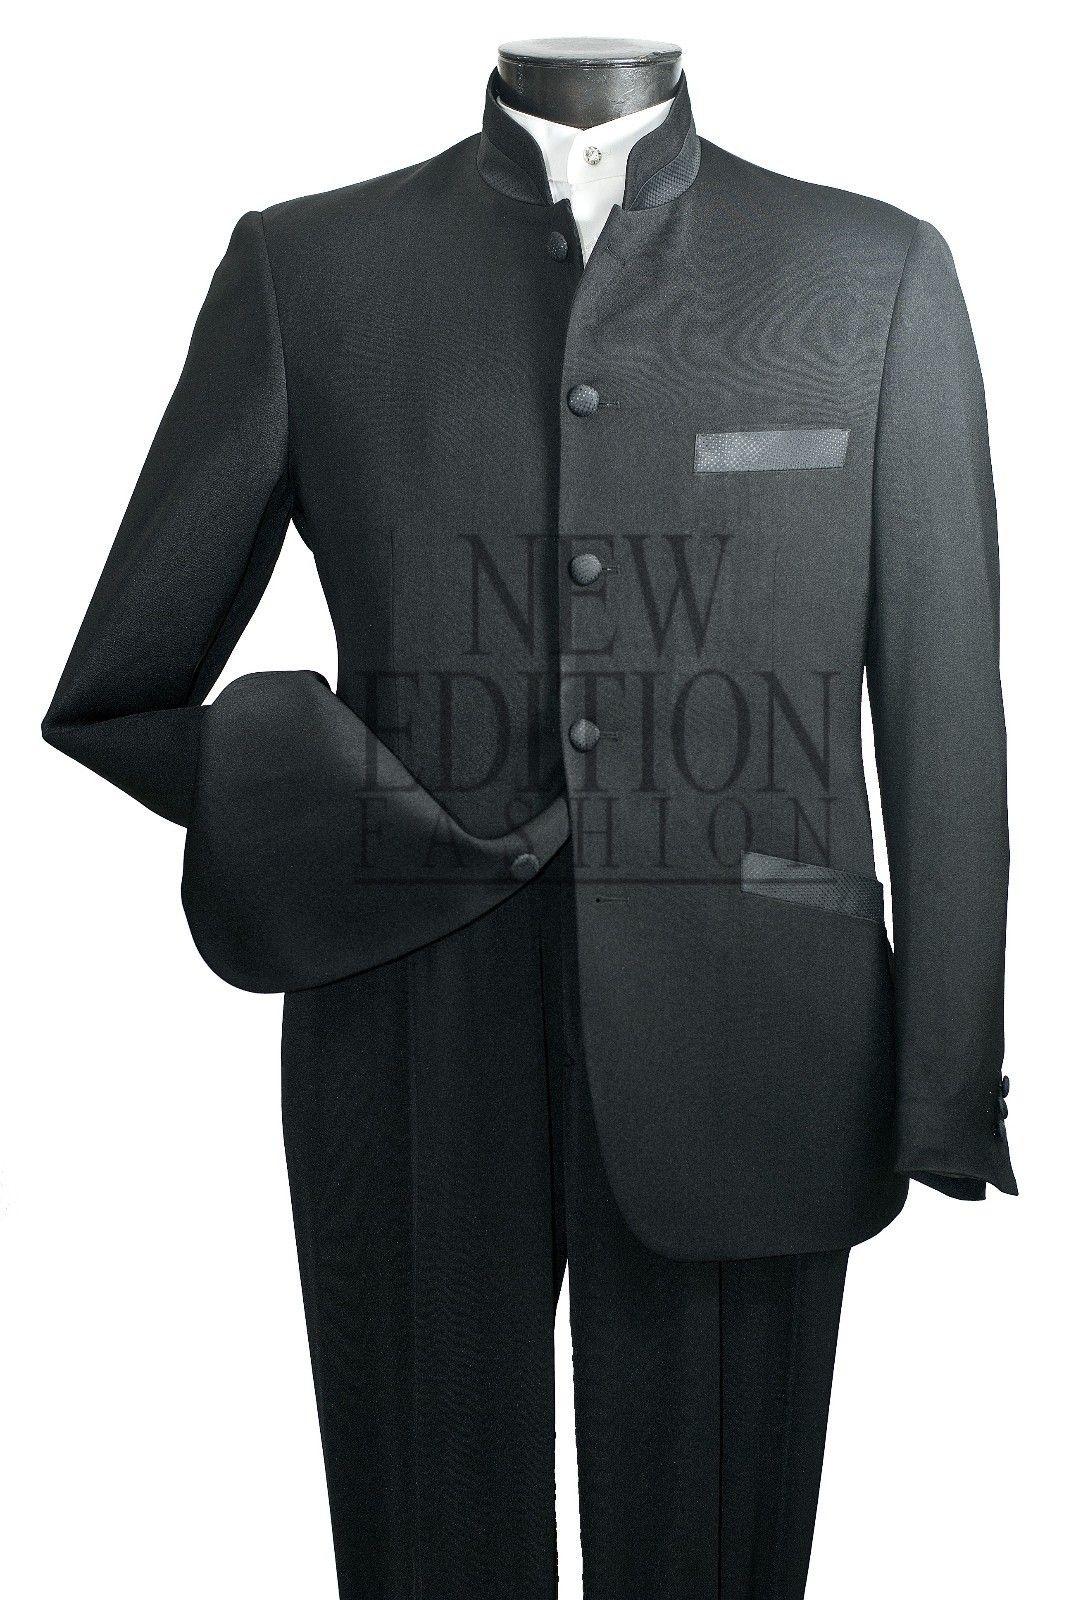 a4475b0a3 Vittorio St Angelo Men's 5 Button Mandarin Collar Suit | Say 'I DO ...